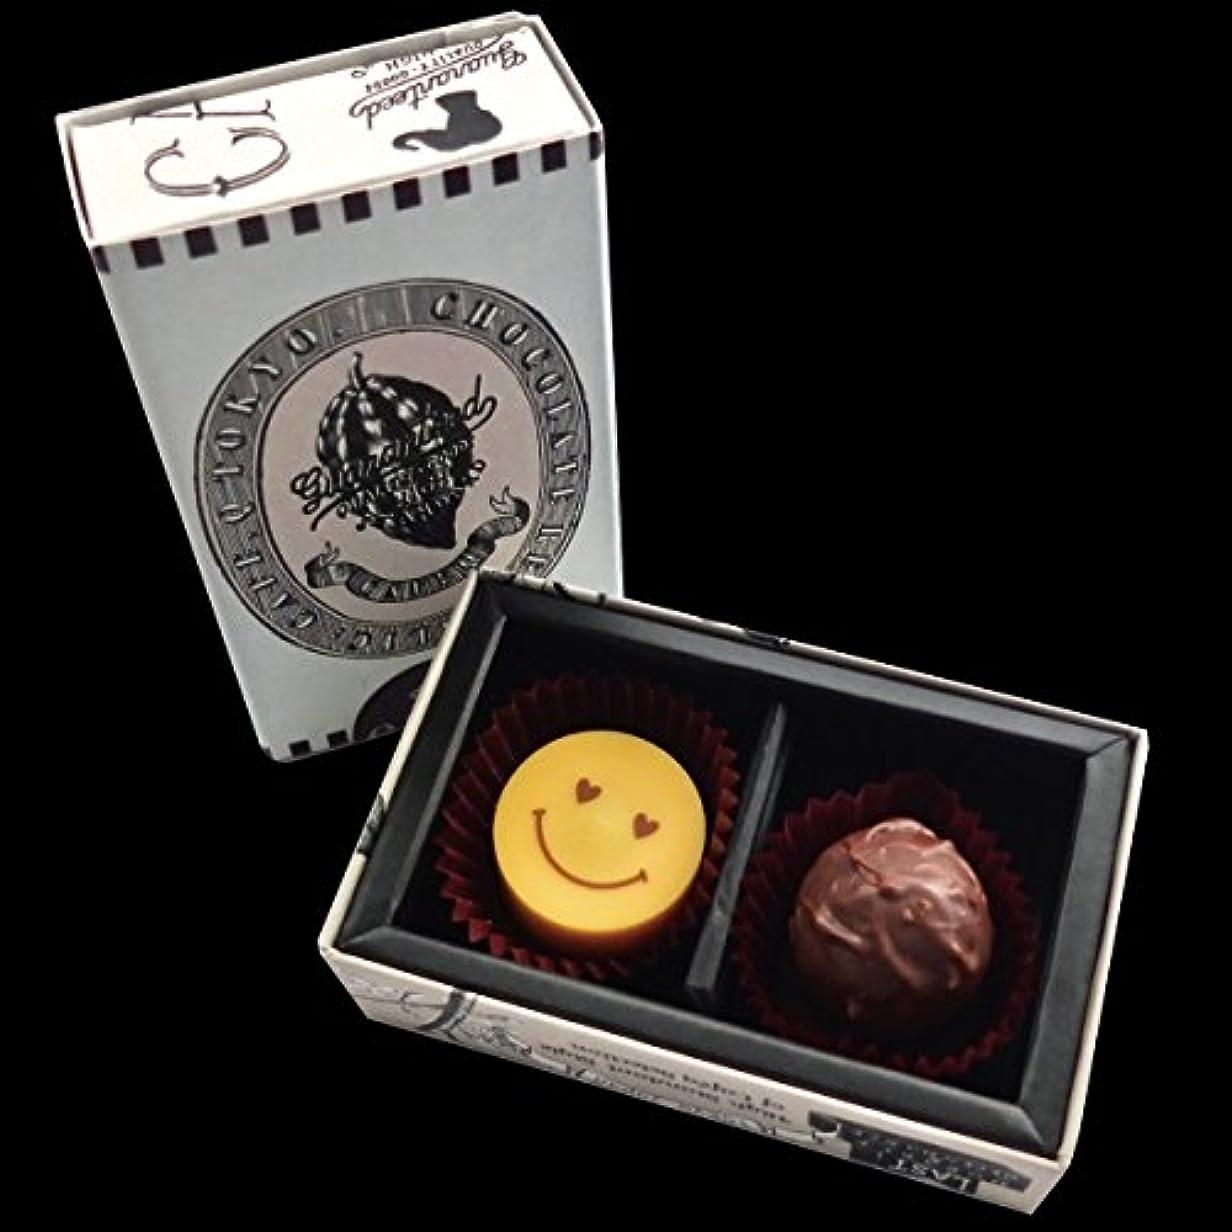 最大の発動機配列カフェックプラリネチョコレート2種ギフト (スマイリープディング&ブランデーミルク)